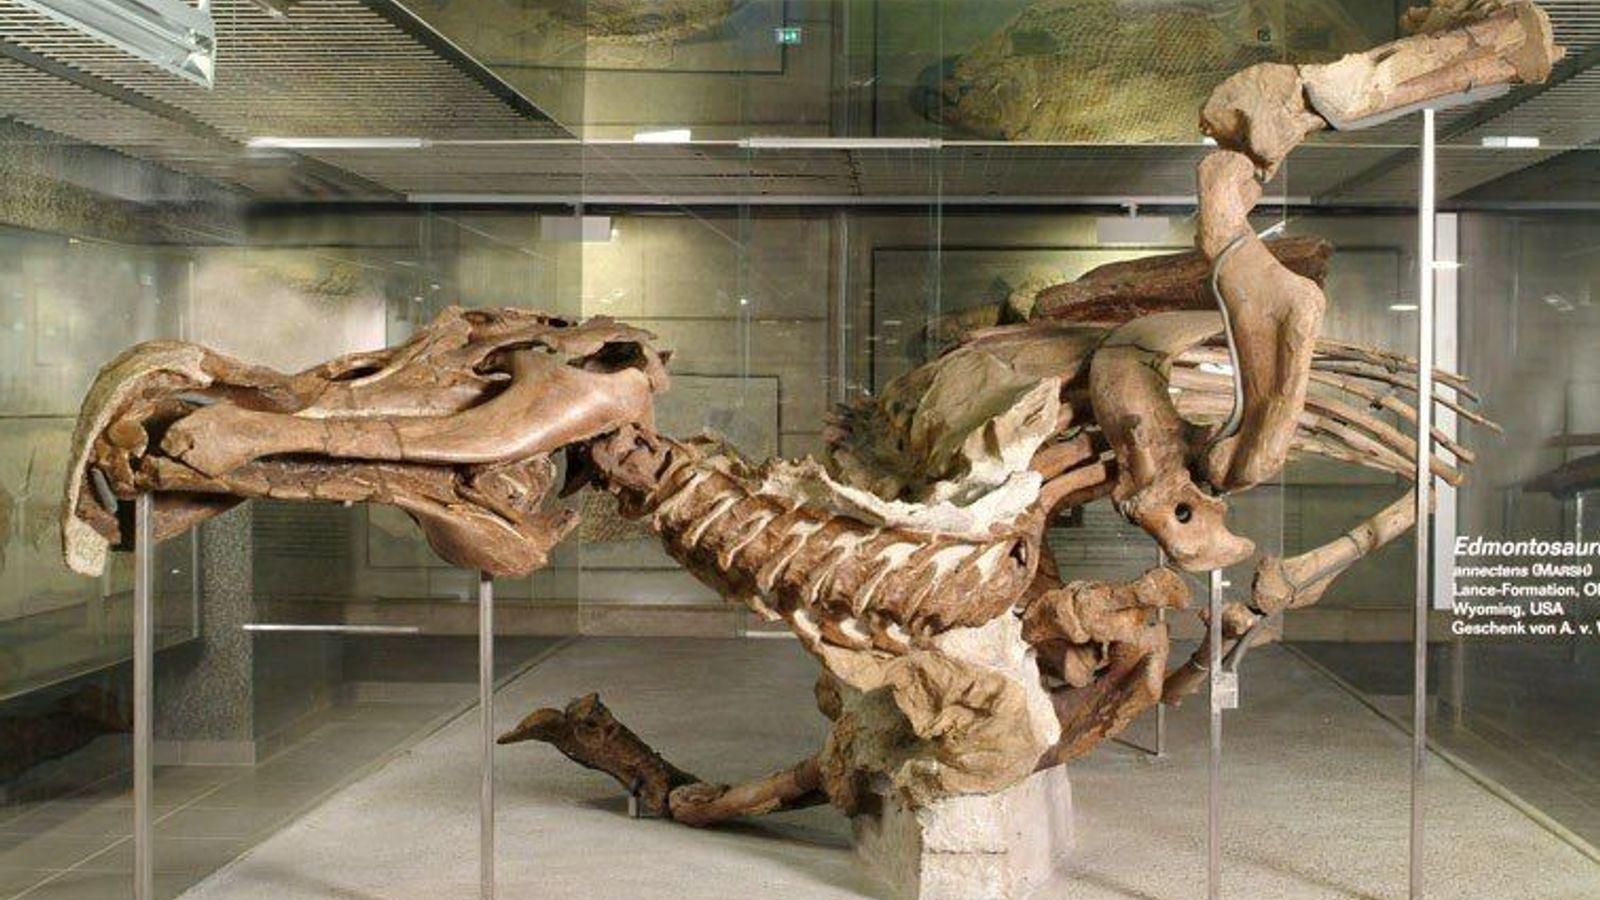 Die Edmontosaurus-Mumie im Senckenberg Naturmuseum in Frankfurt ist in zweierlei Hinsicht eine echte Seltenheit: Ihre Knochen ...